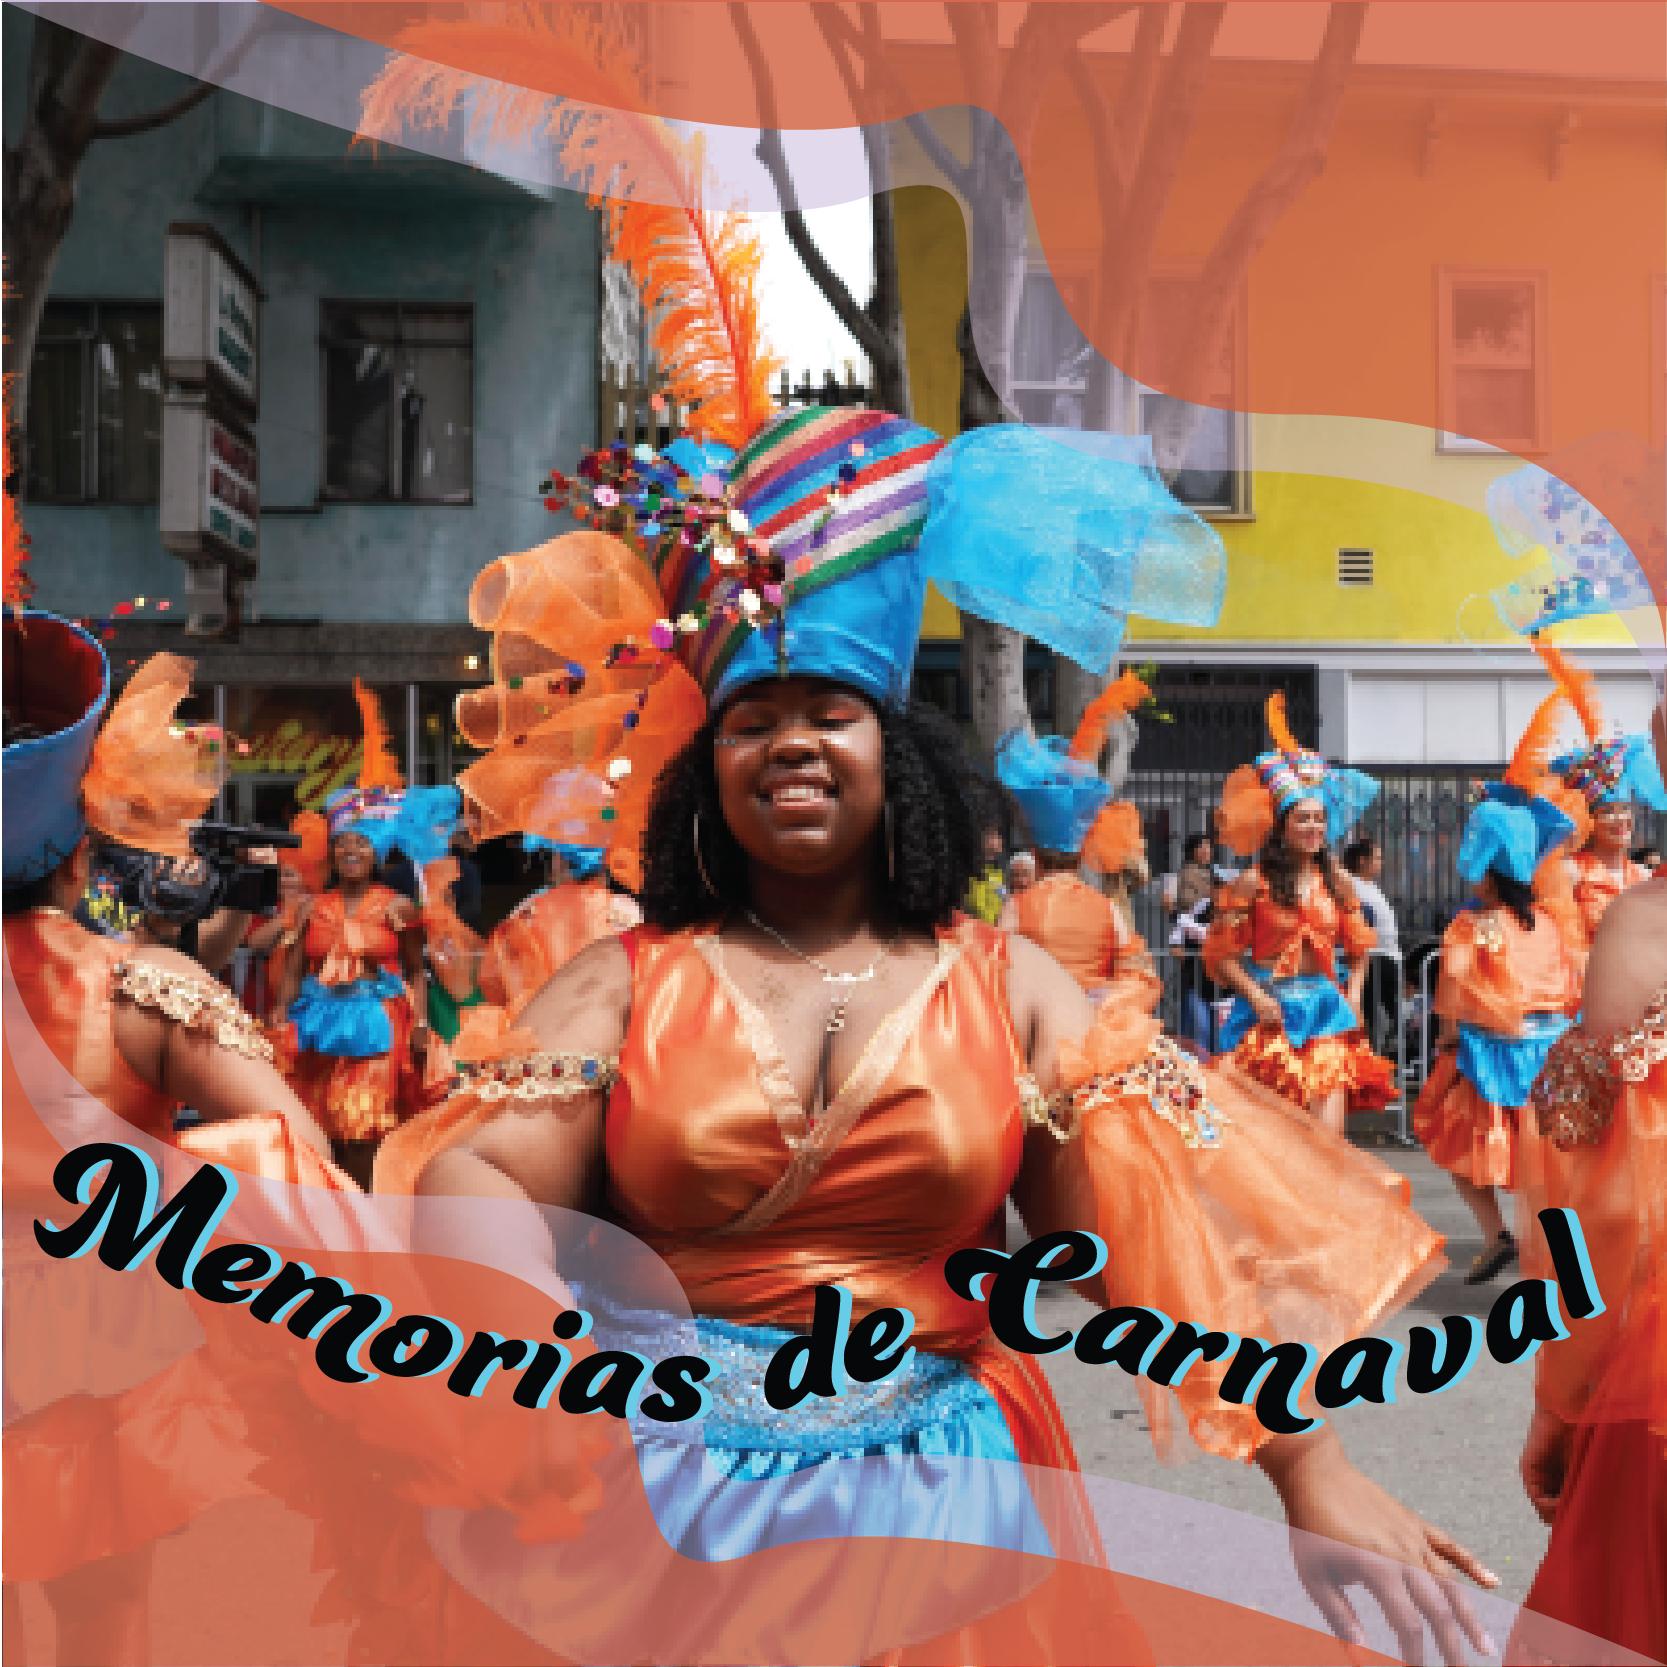 Memorias de Carnaval